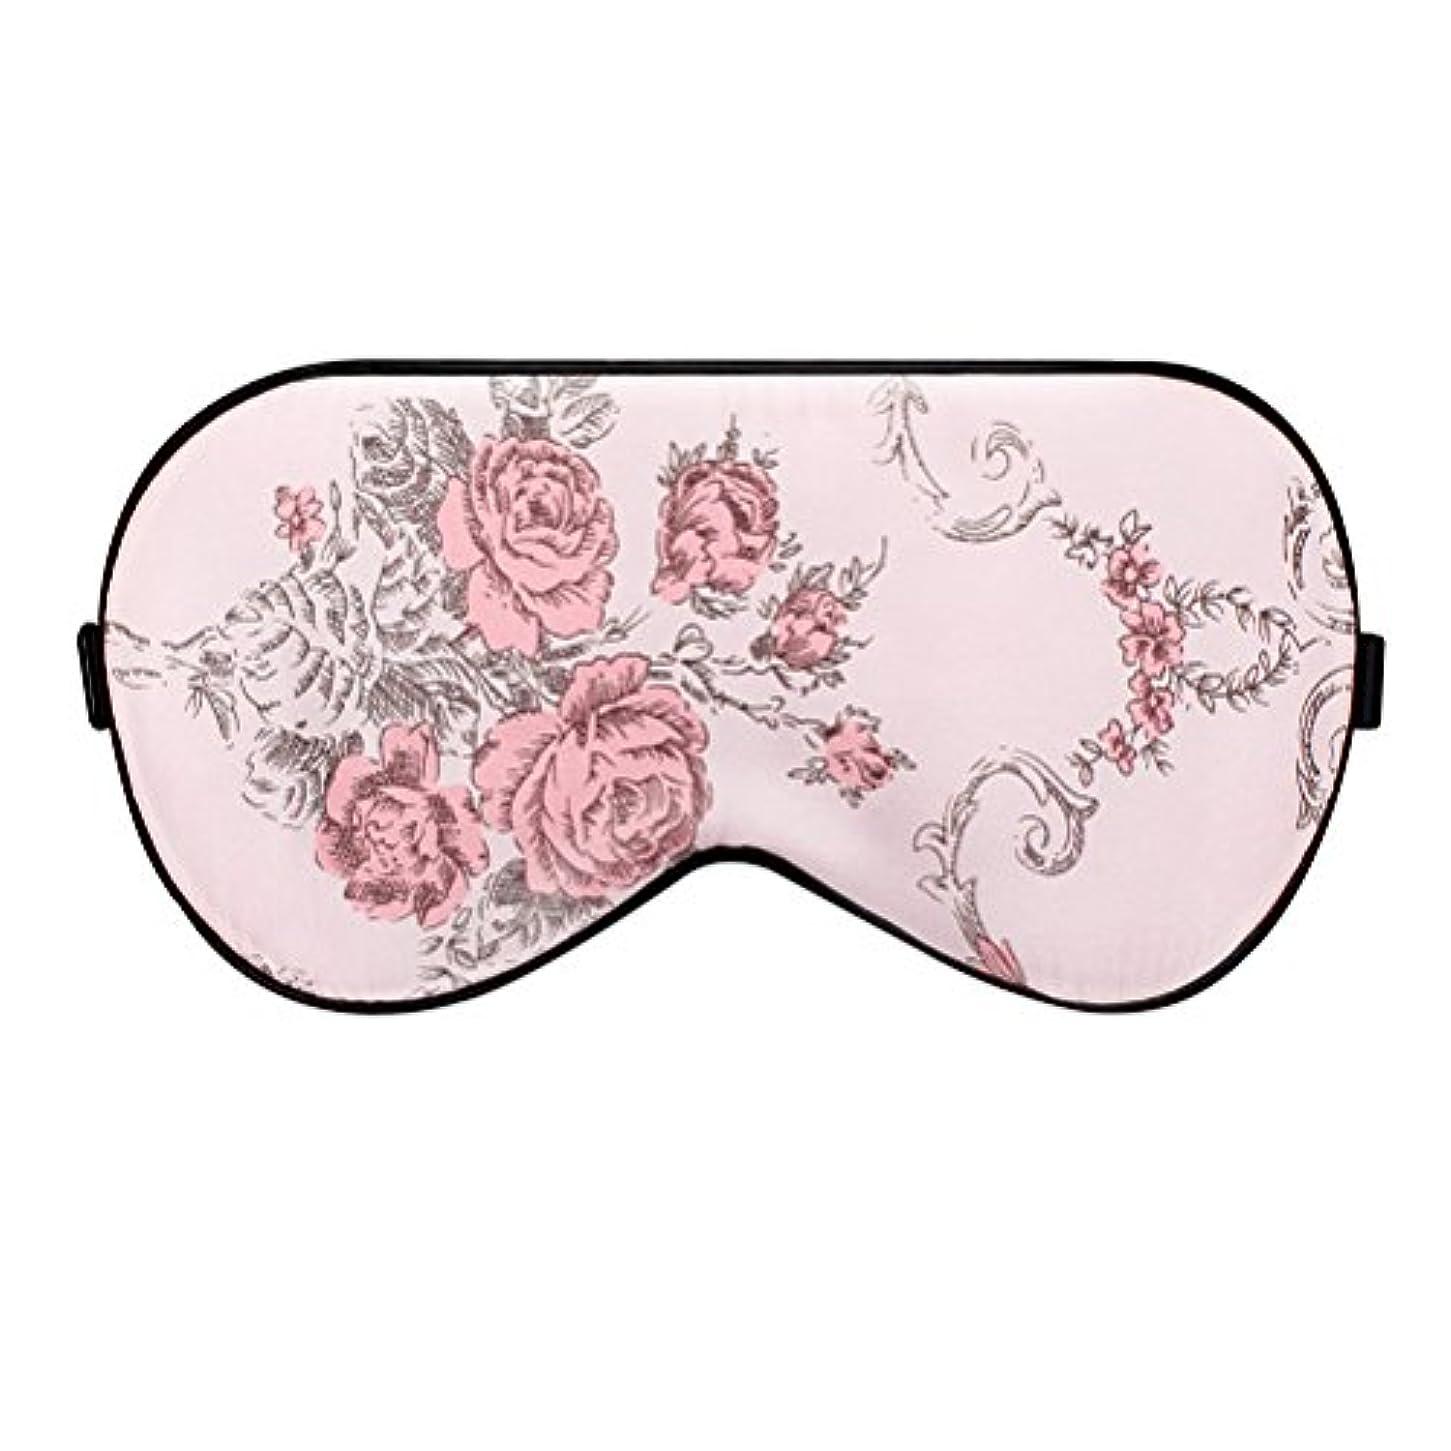 破壊唇治療ULTNICE シルクスリープアイマスク目隠しアイシェード女性用スリープナップ瞑想(ピンクローズ)